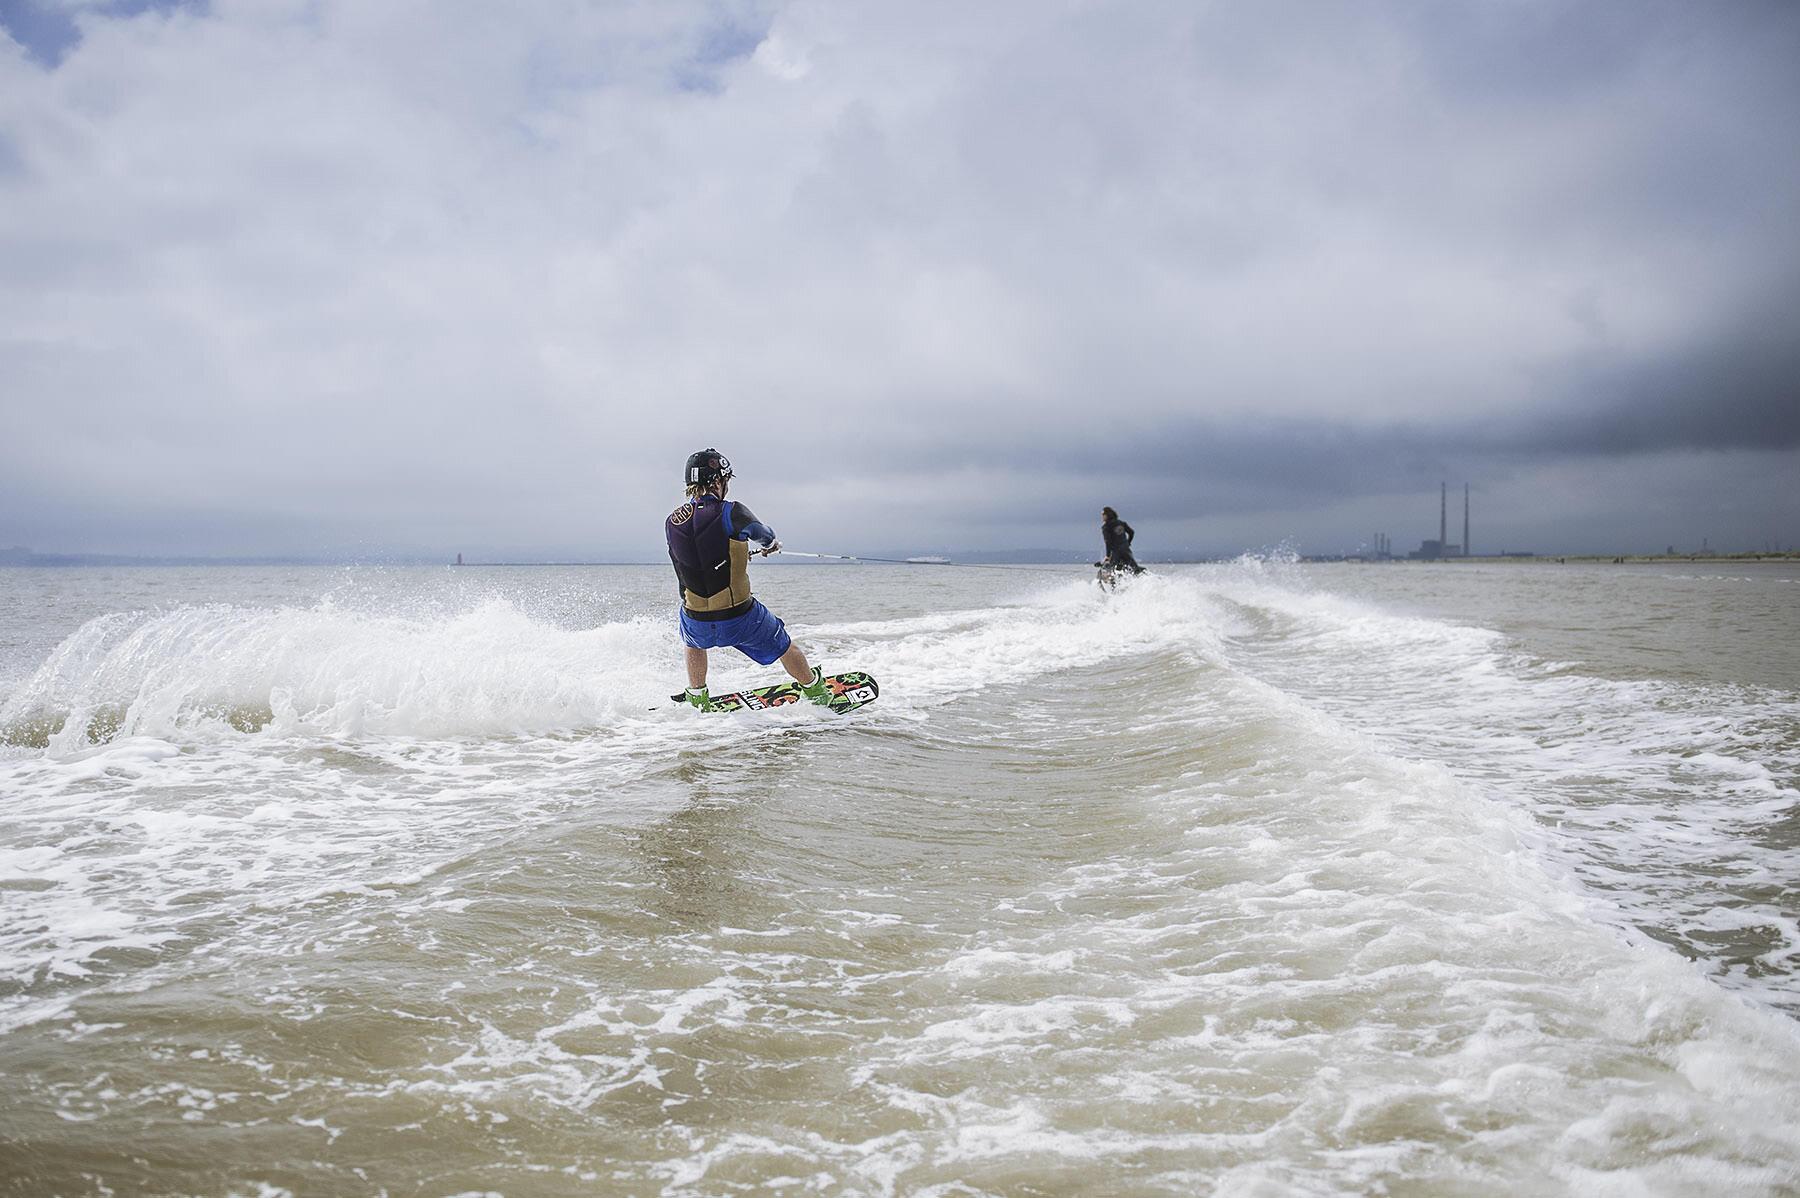 30-outdoor-wake-boarding-dublin-ireland-water-sport.jpg